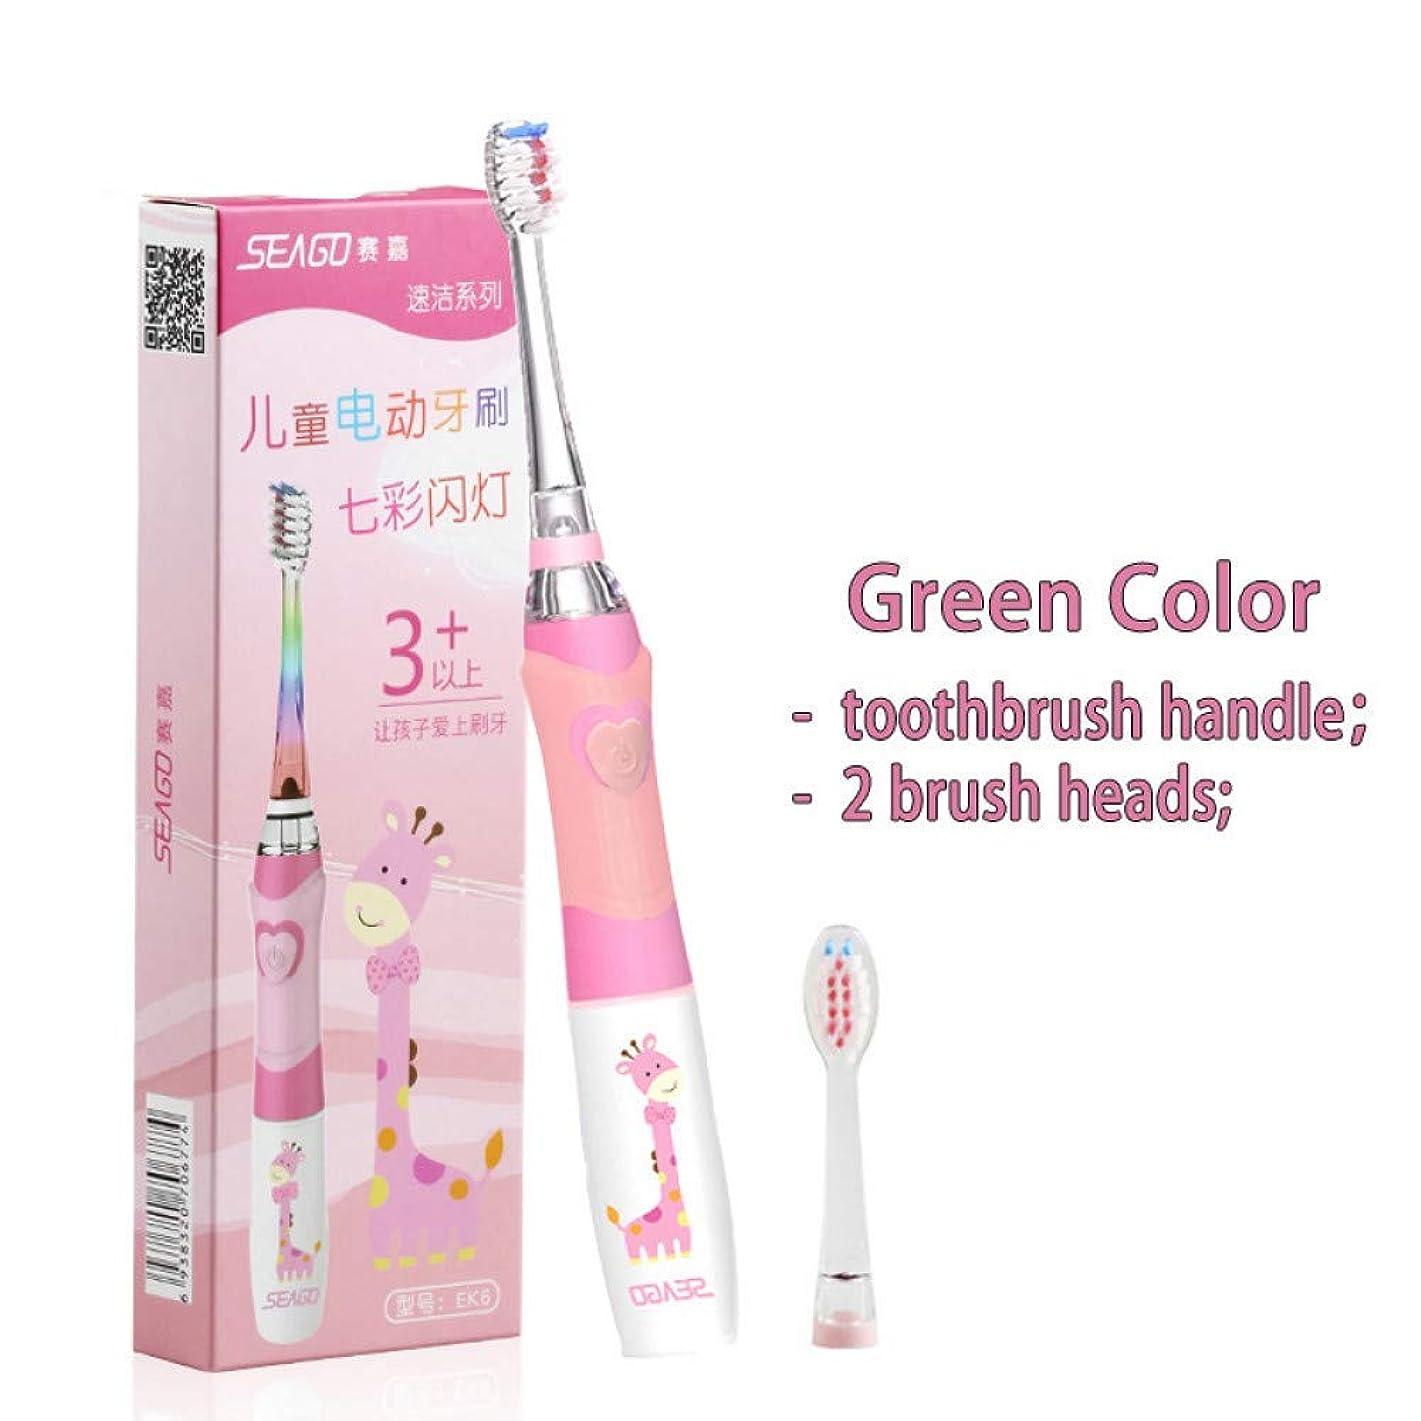 安価な機械的にもっともらしい子供の音波の電動歯ブラシの多彩な導かれた照明防水柔らかいブラシヘッド剛毛の歯の口頭心配、ピンク